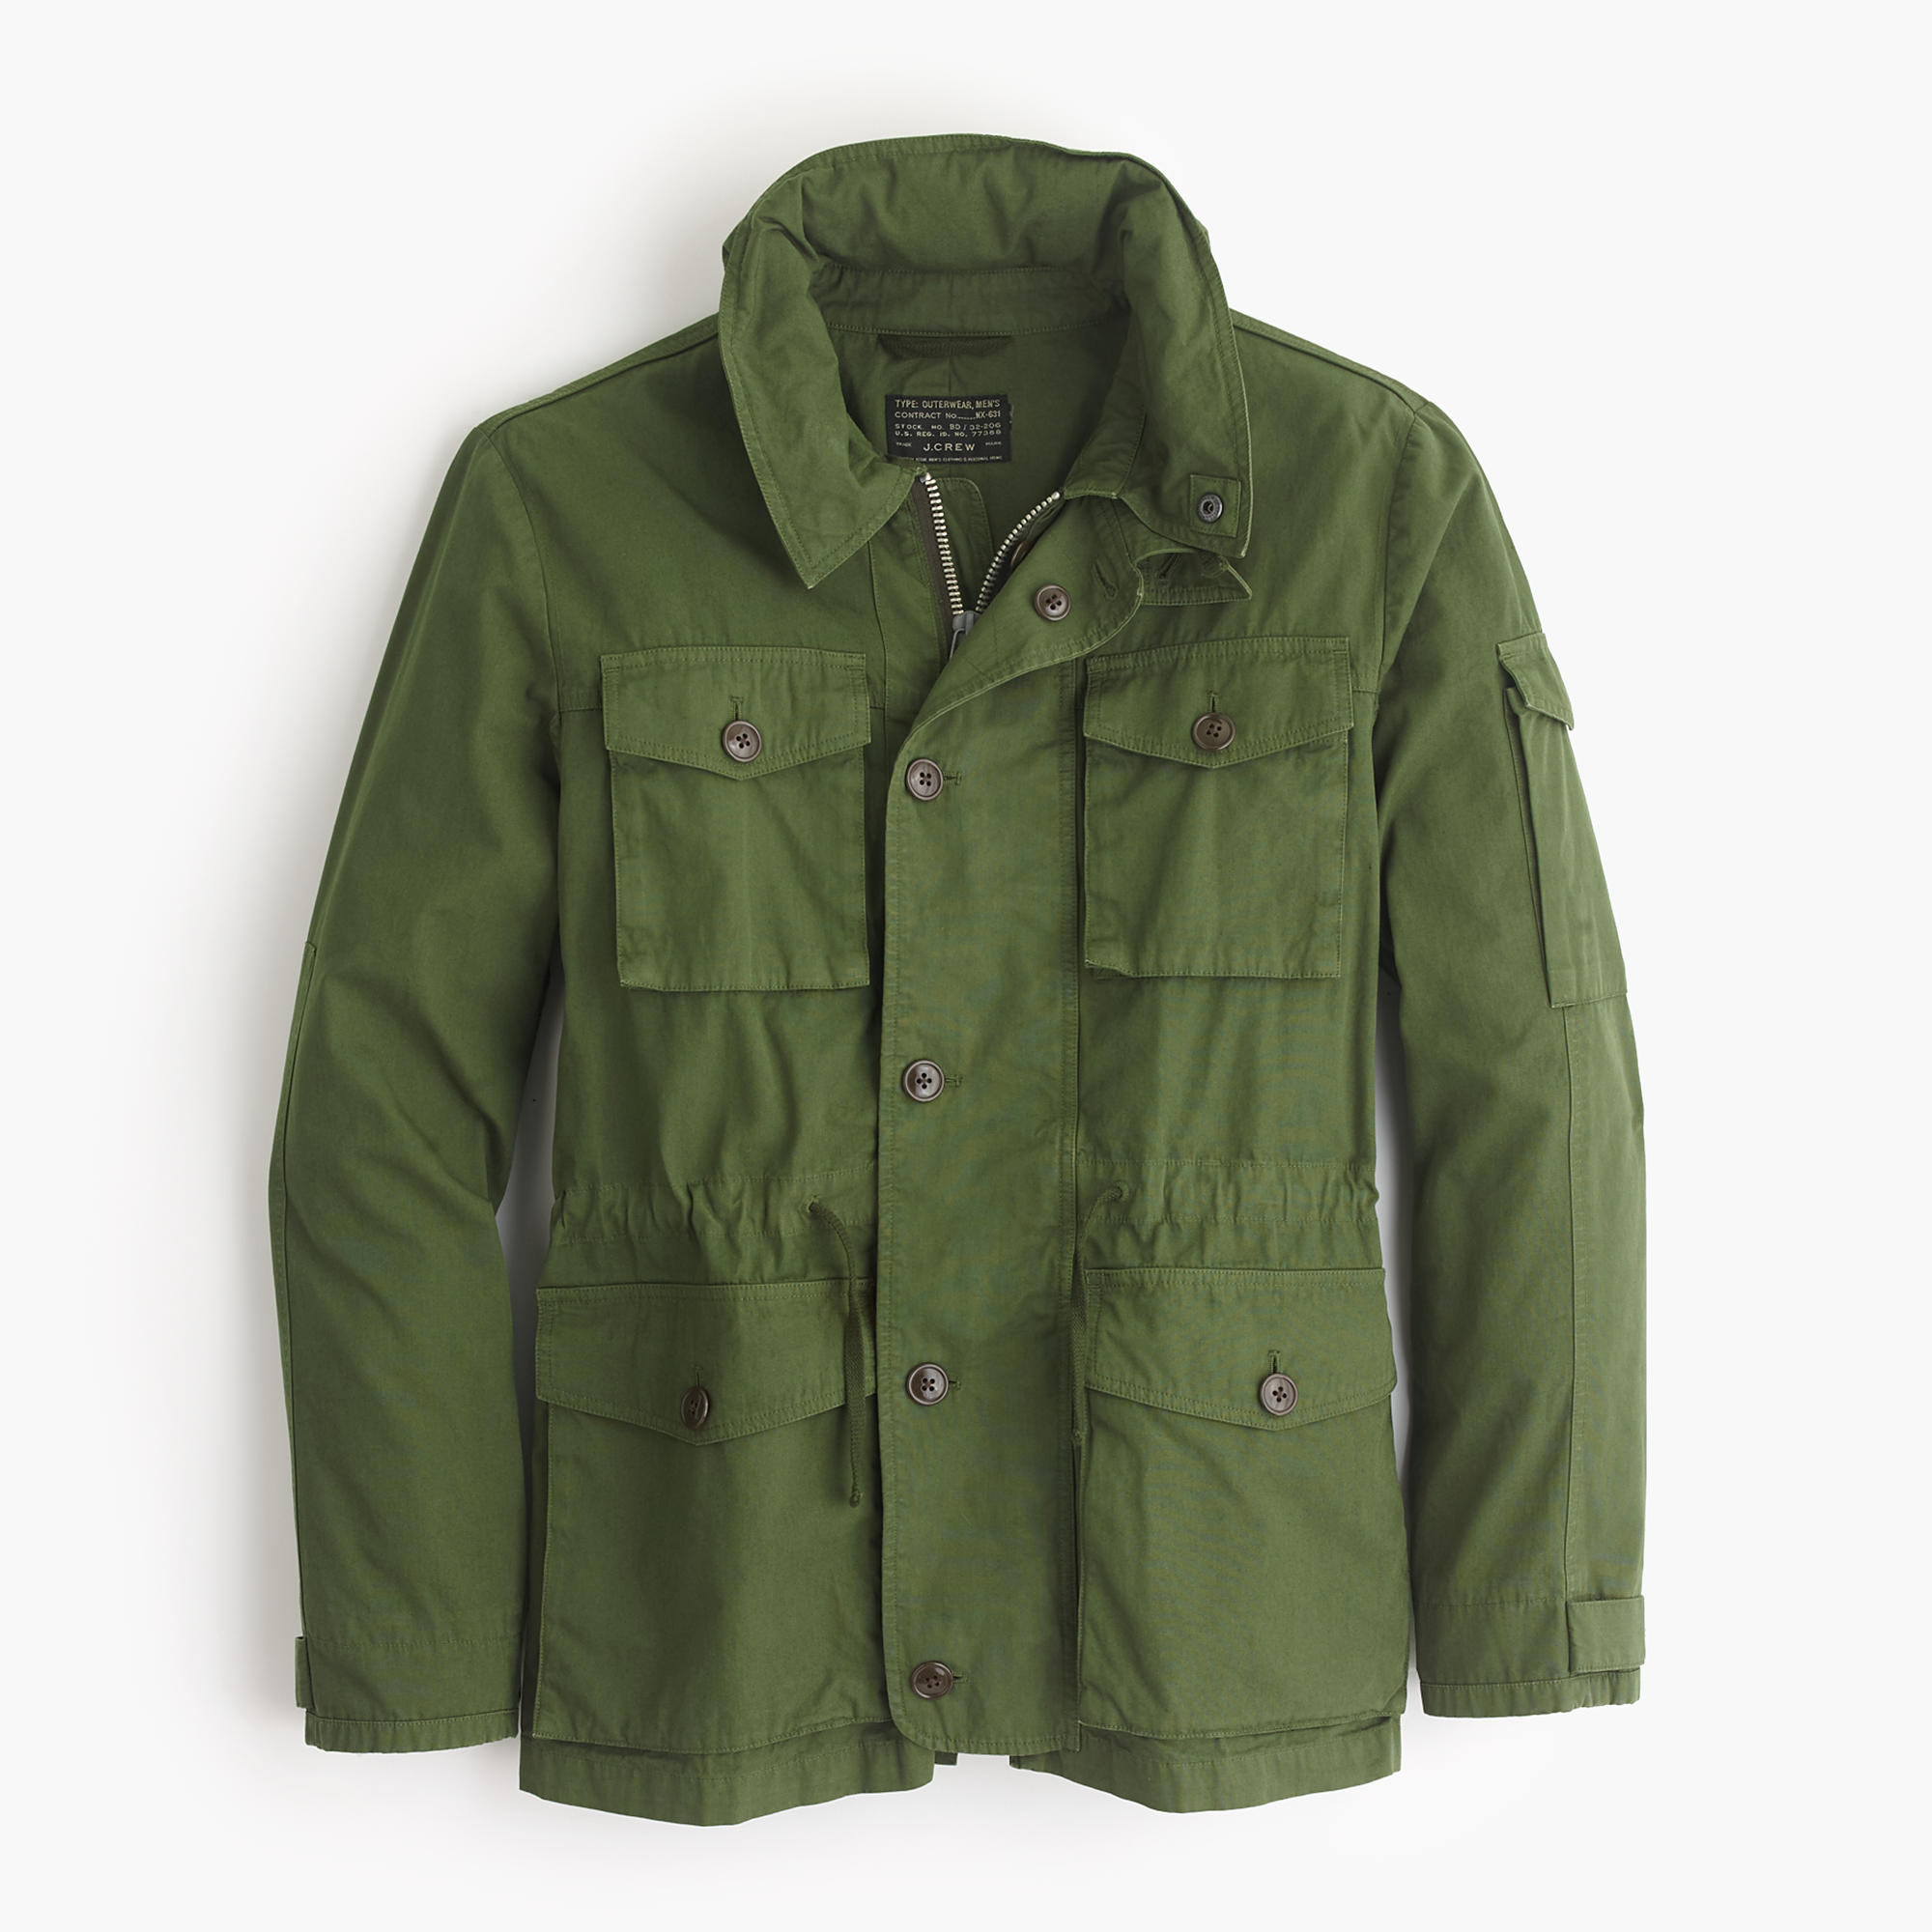 jcrew m65 jacket on effortless gent